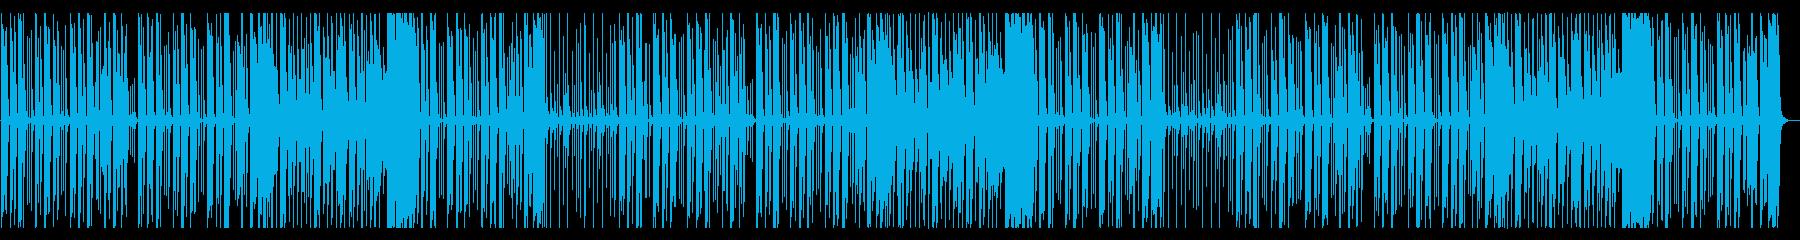 可愛くてほのぼのコミカルな日常系ポップスの再生済みの波形